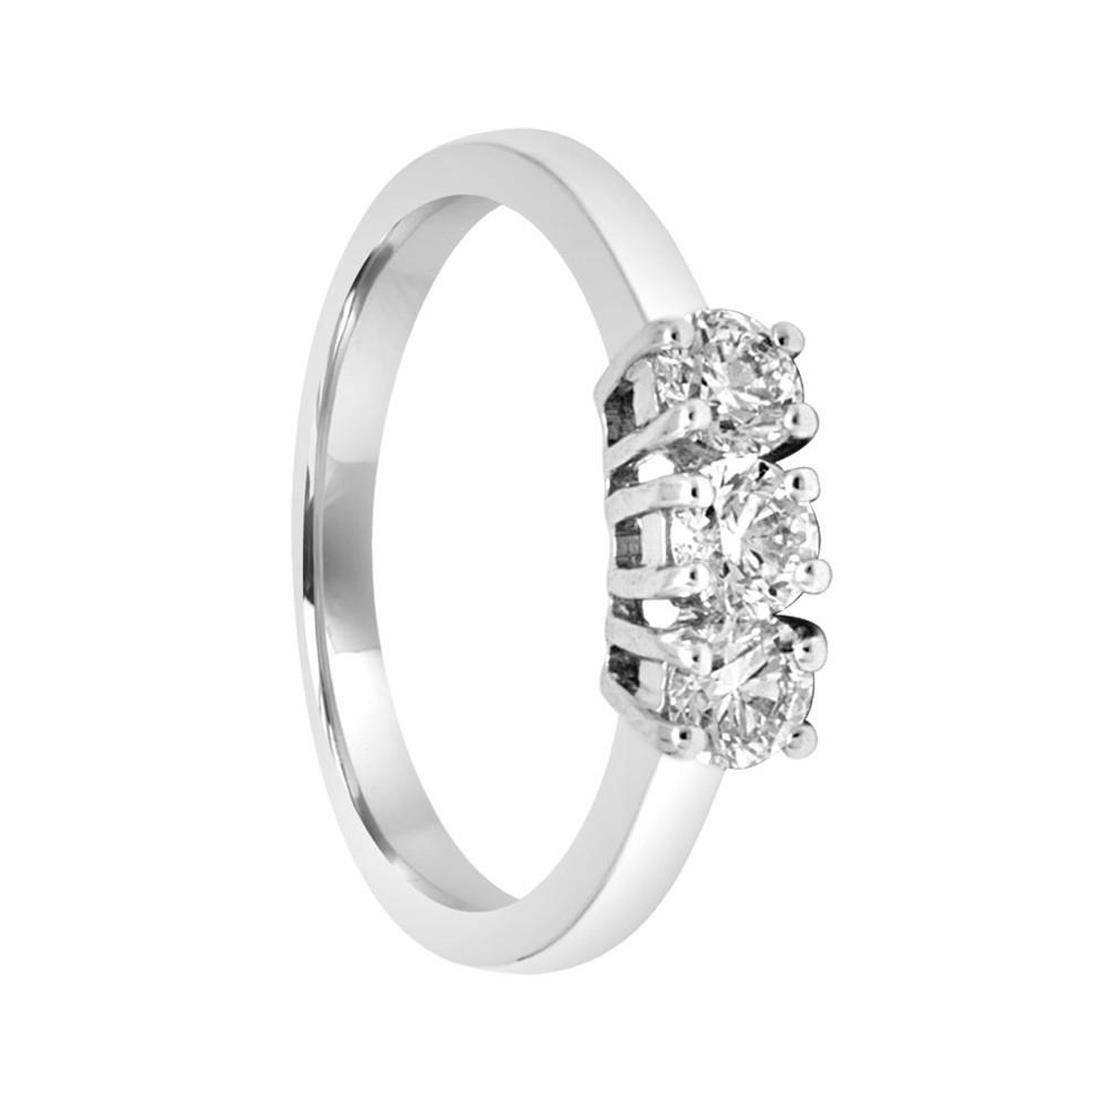 Anello trilogy in oro bianco con diamanti mis 14 - ALFIERI ST JOHN